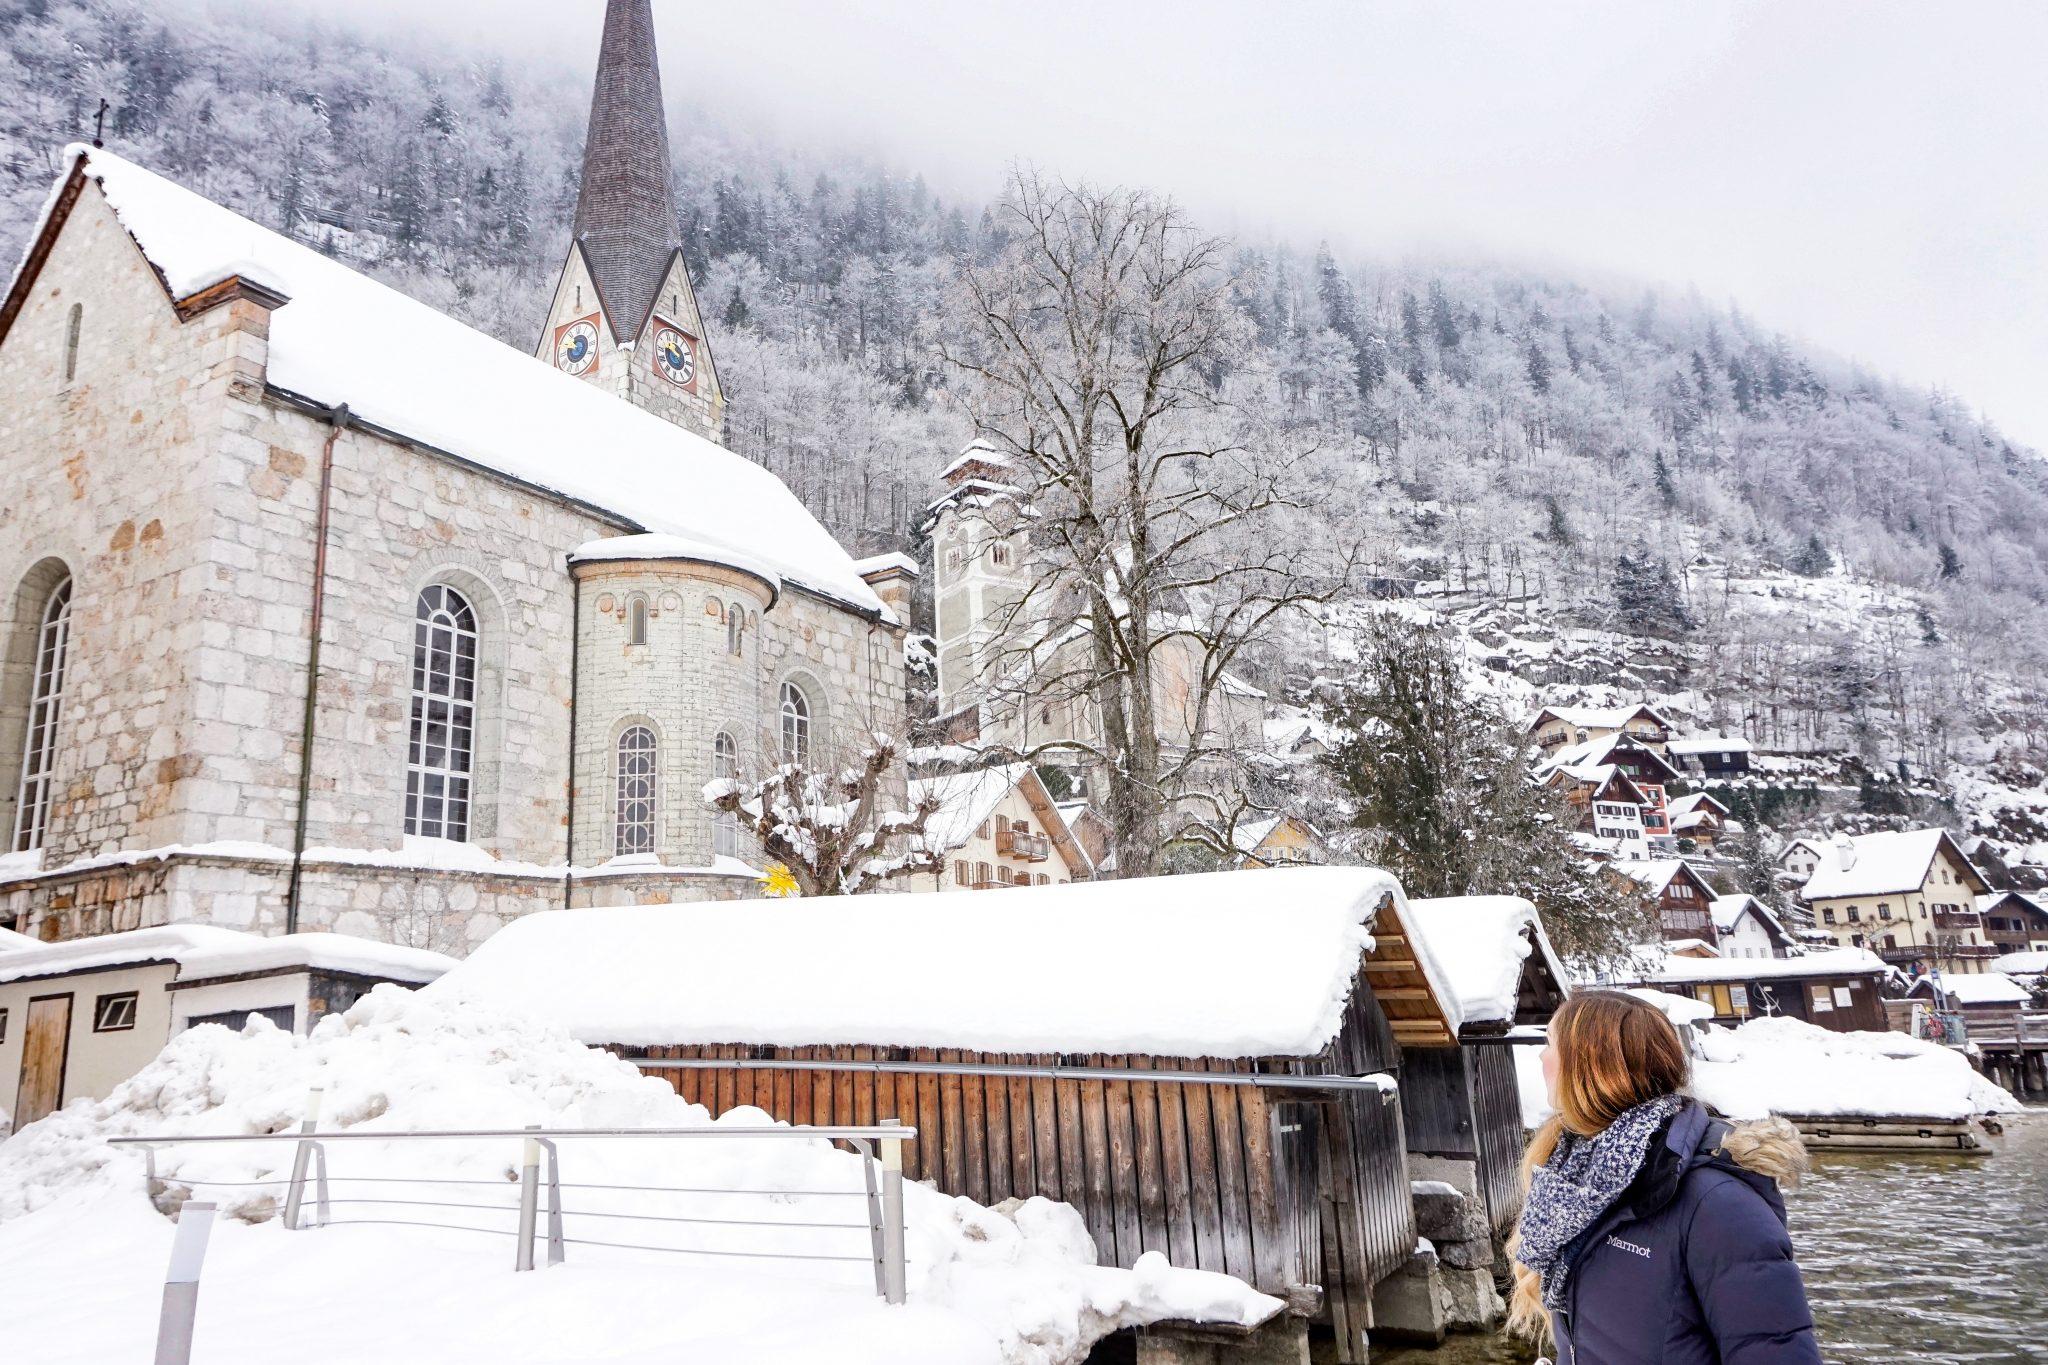 Seehotel Gruner Baum, winter in Hallstatt, Austria